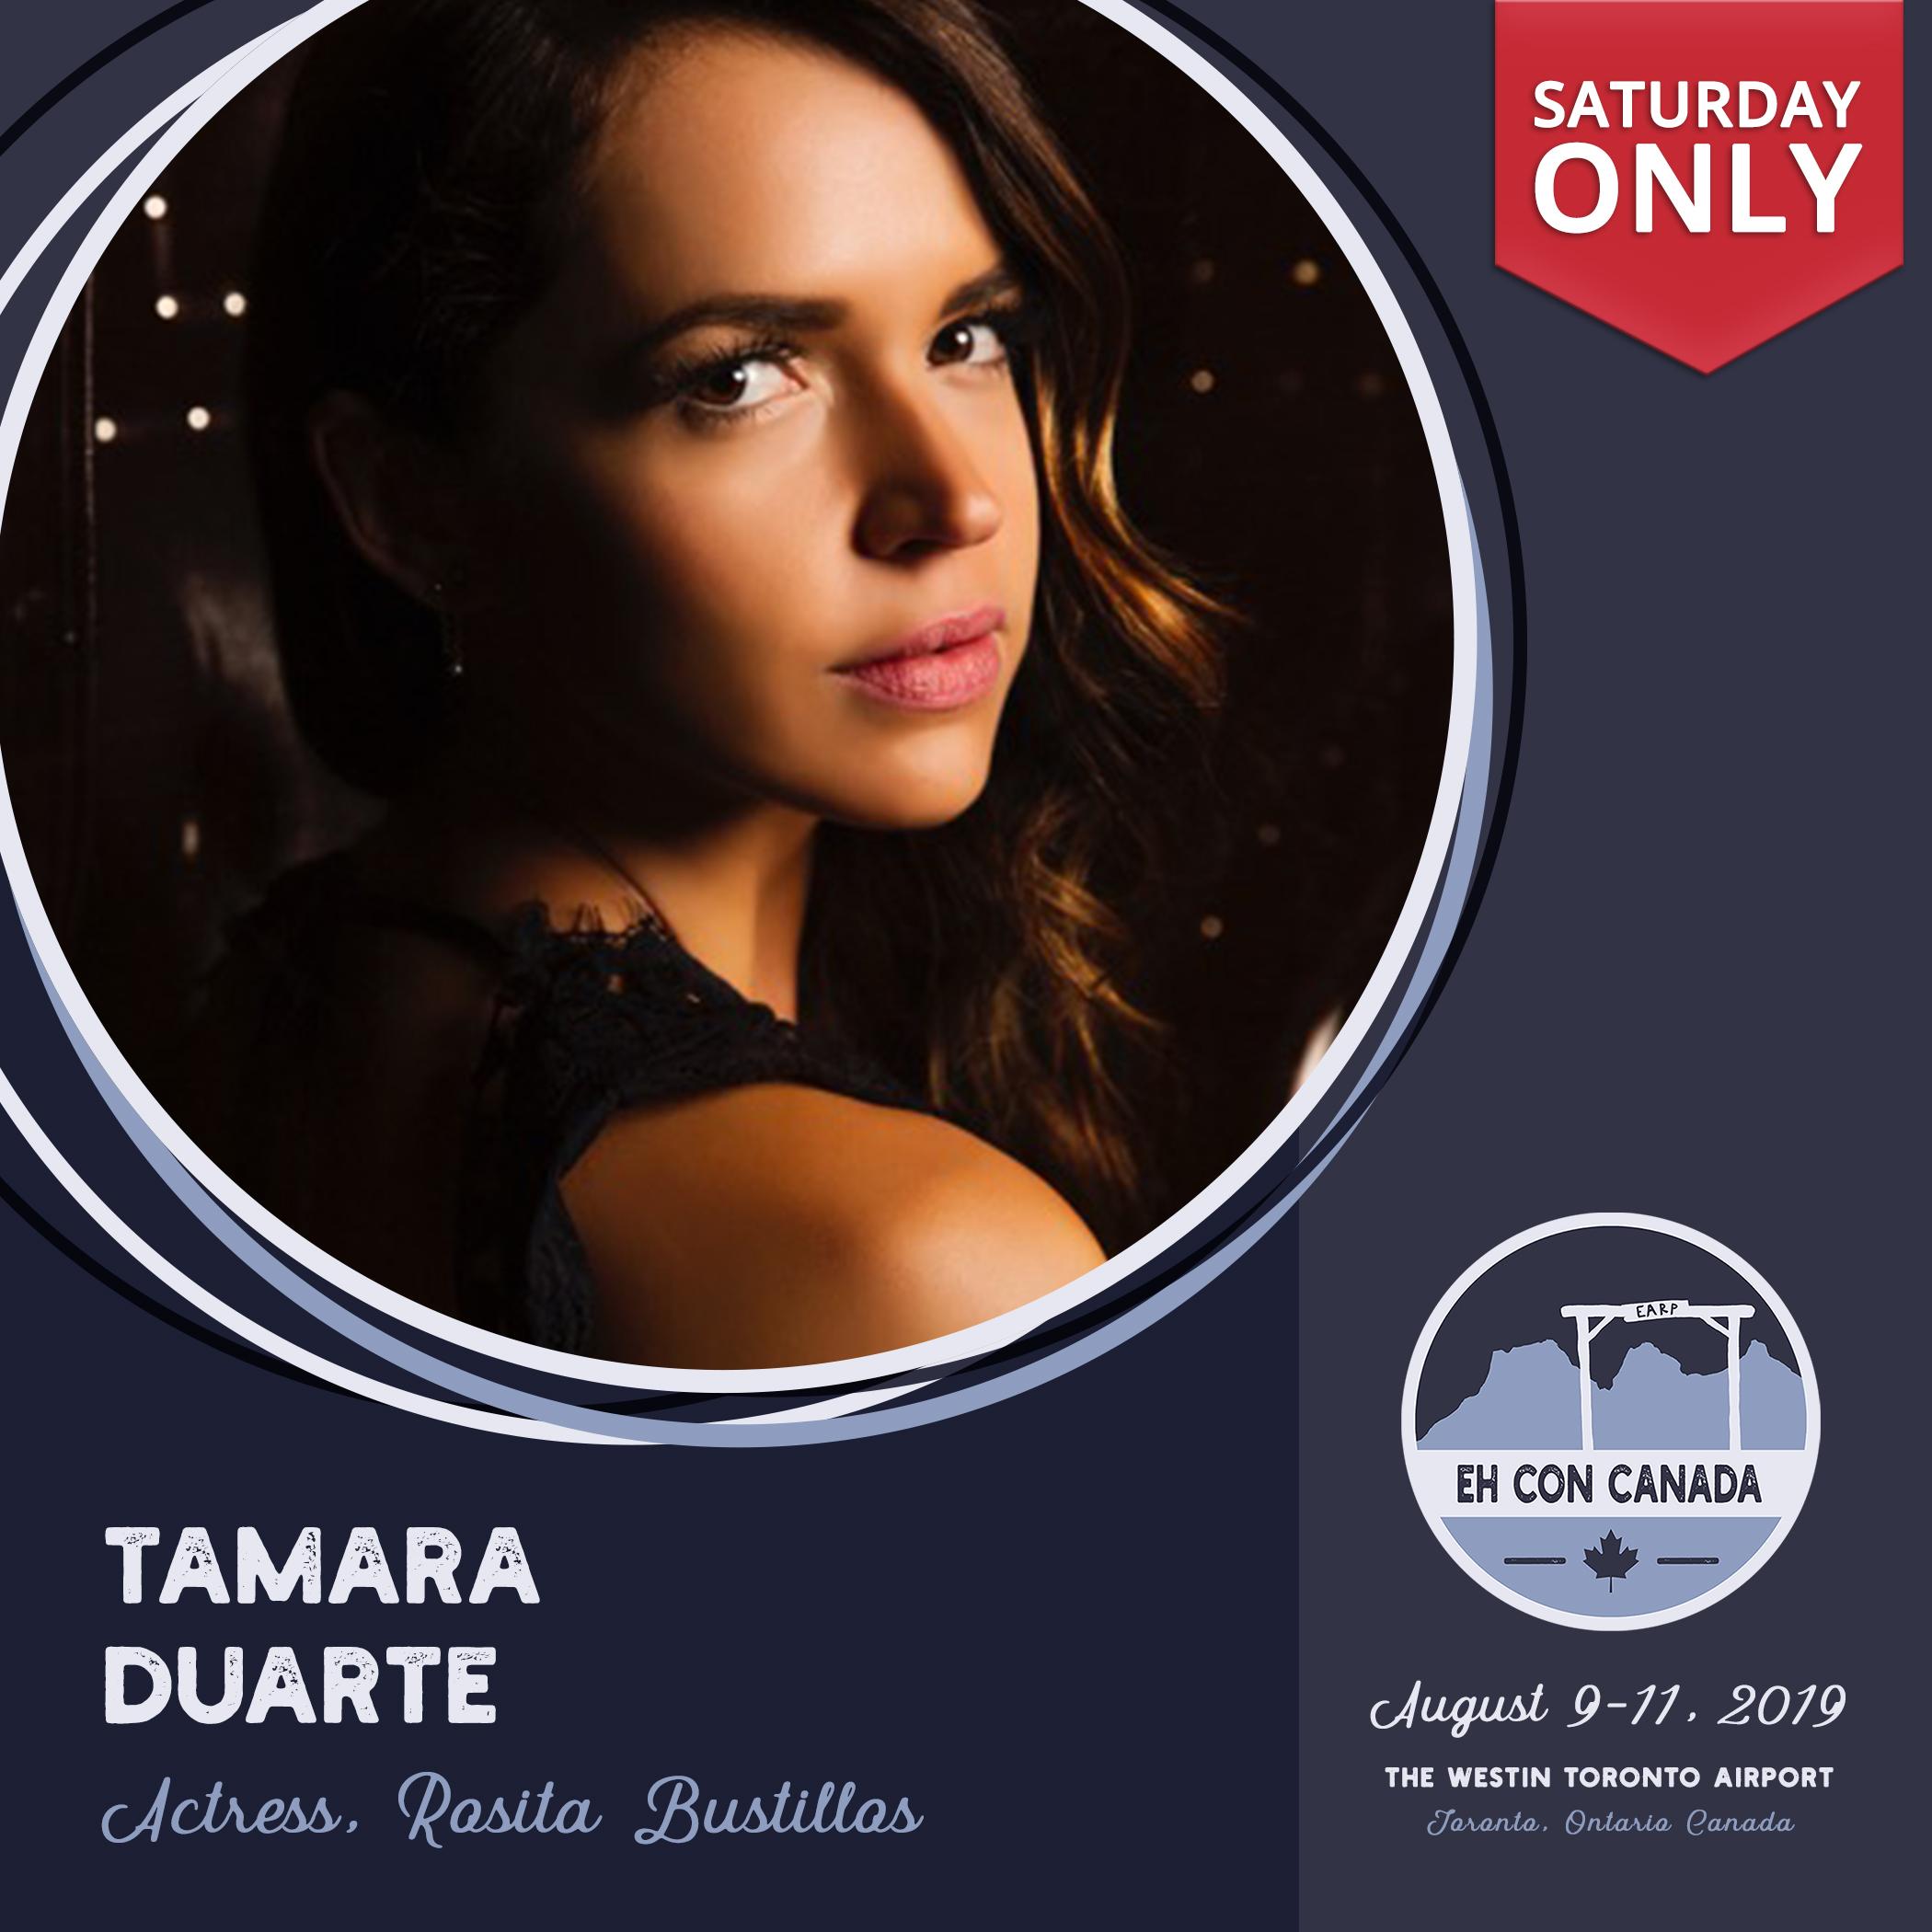 Tamara's Bio